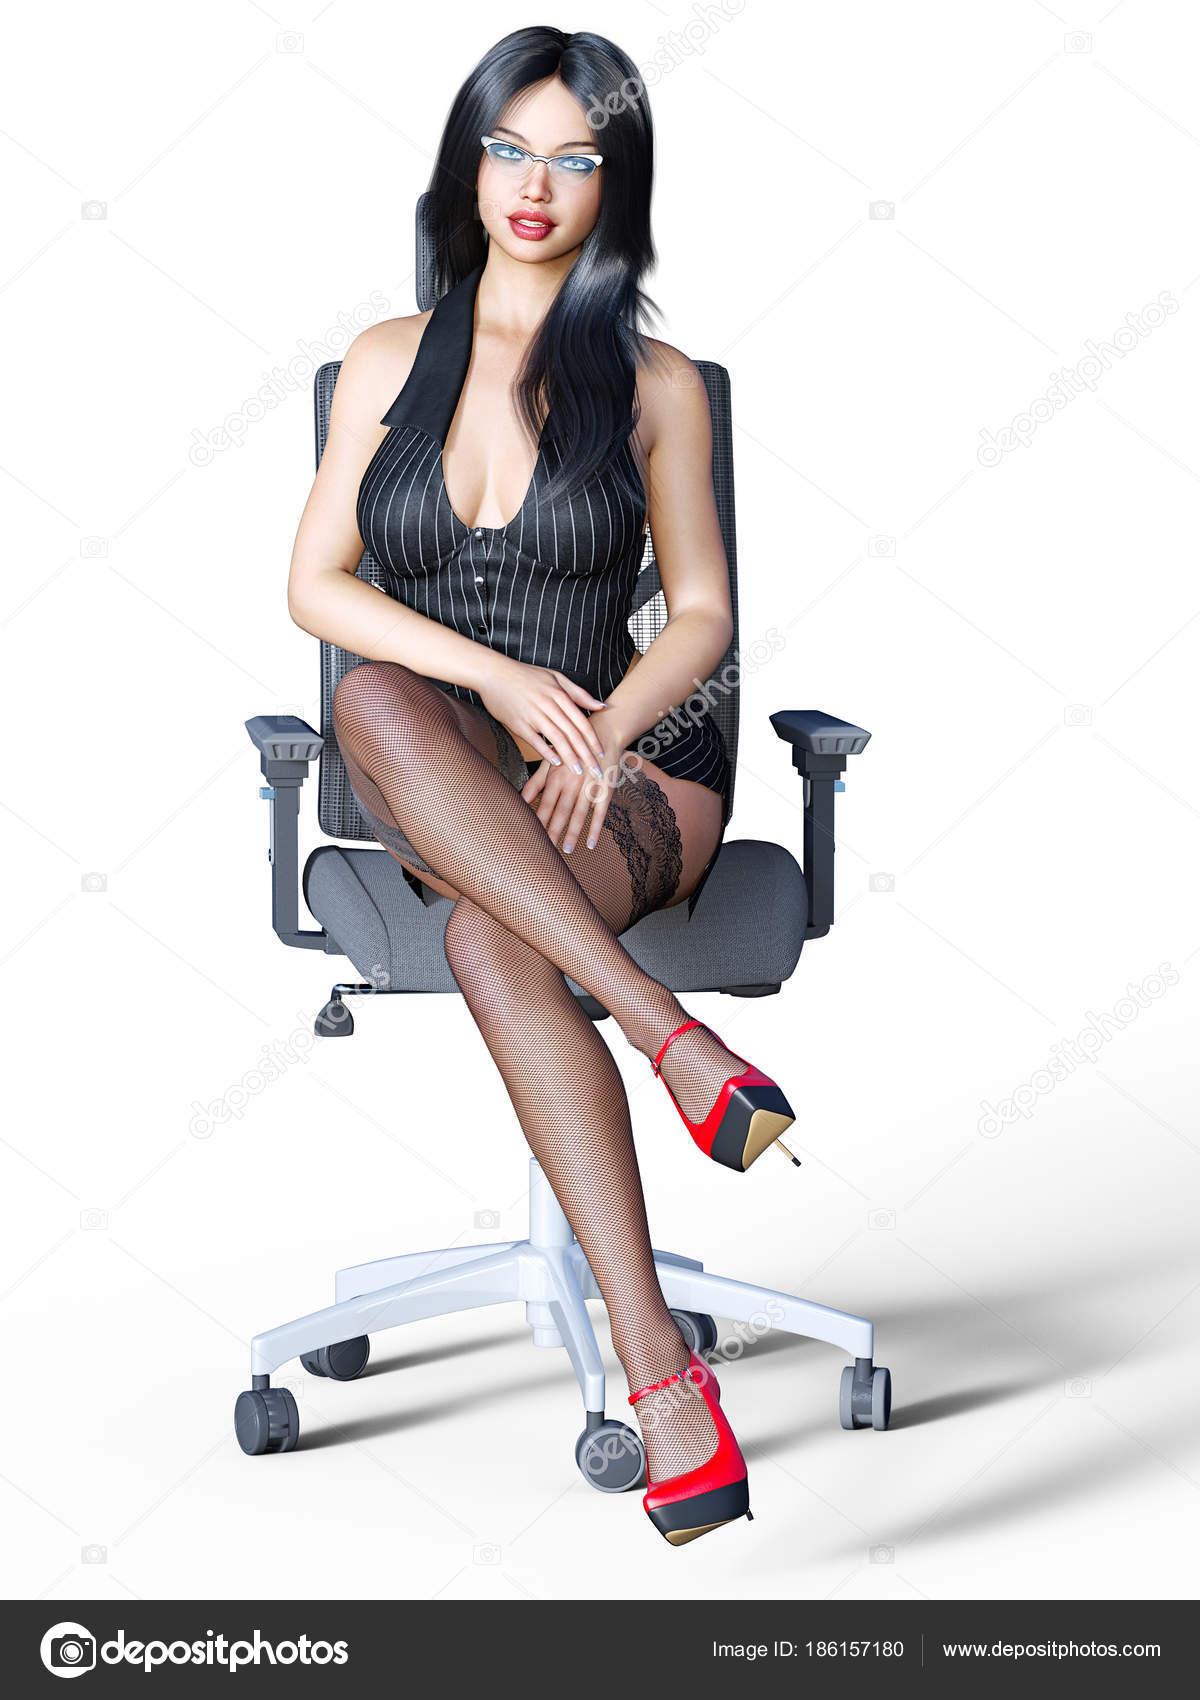 Γυναίκα με πολύ σέξι πόδια σε μαύρες κάλτσες στον καναπέ, σε ψηλά τακούνια.